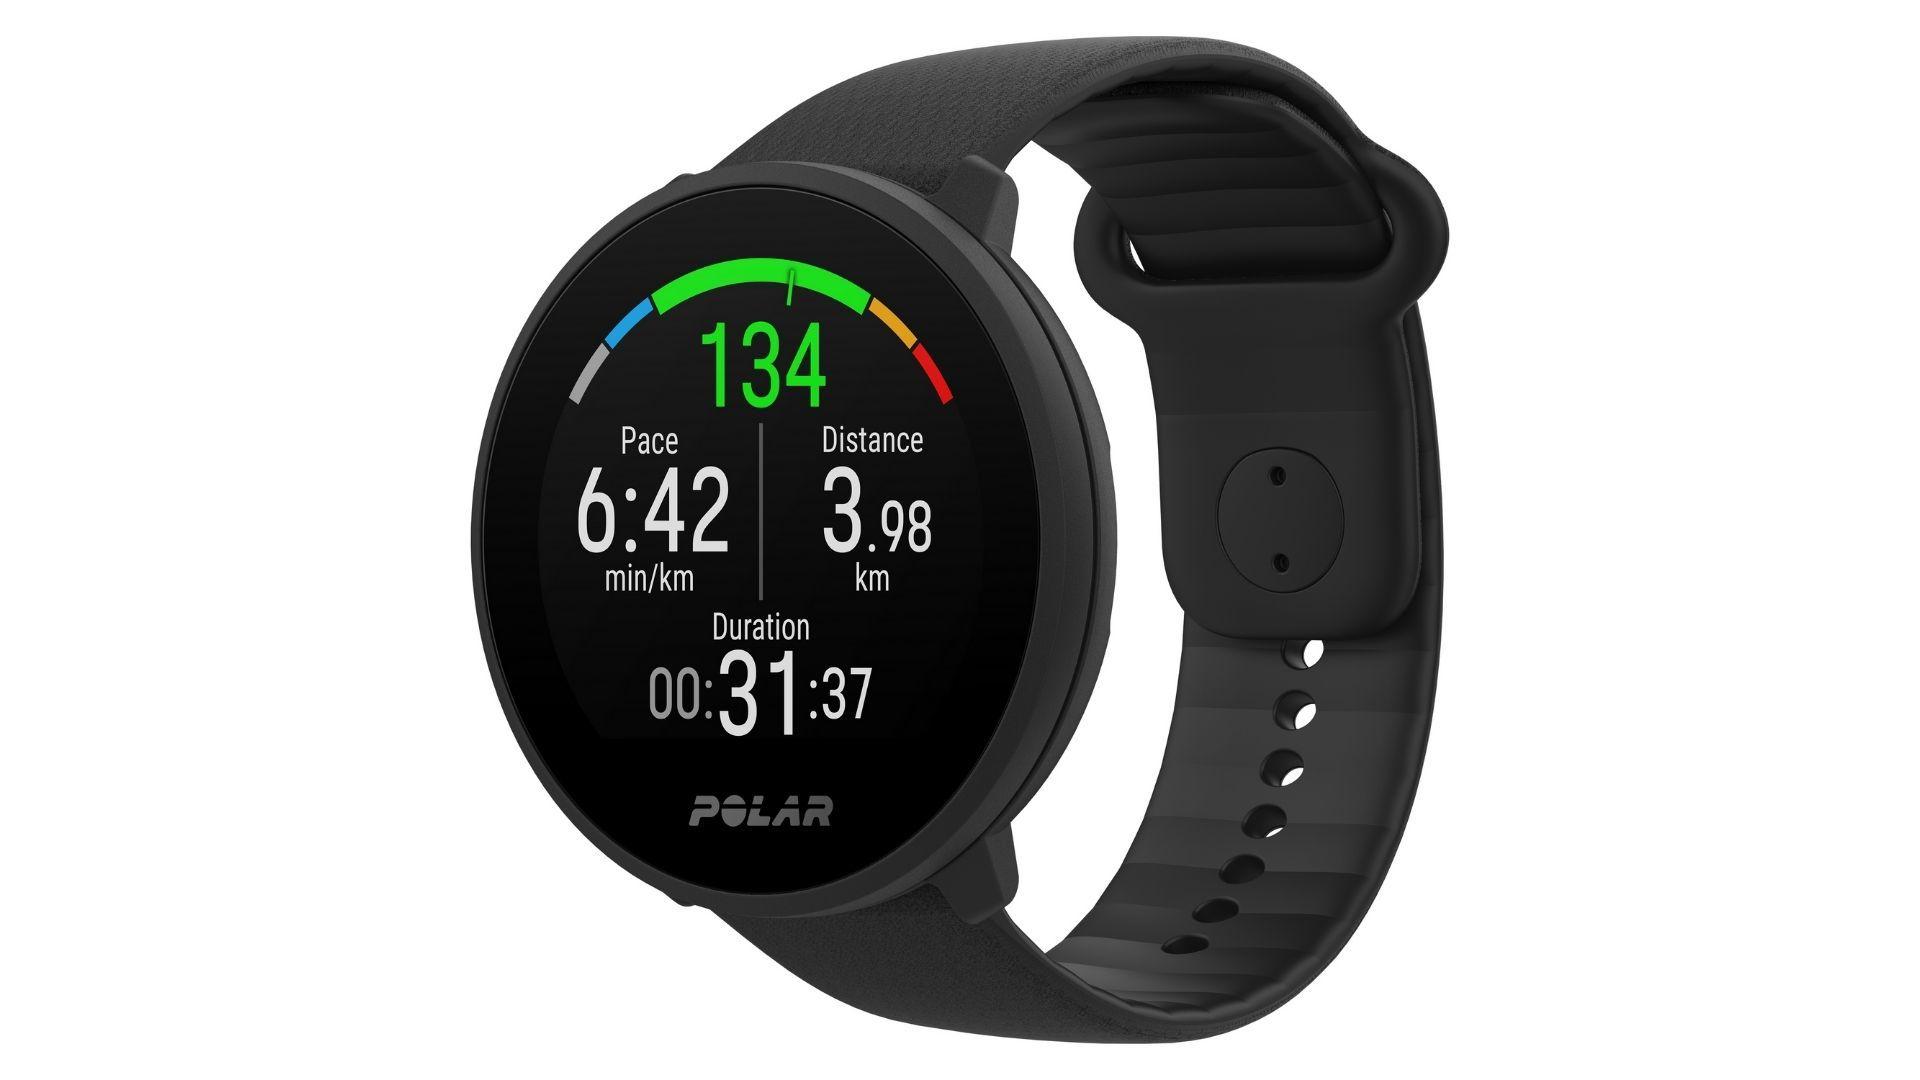 Smartwatch fitness: Polar Unite suporta diferentes atividades físicas (Foto: Divulgação/Polar)